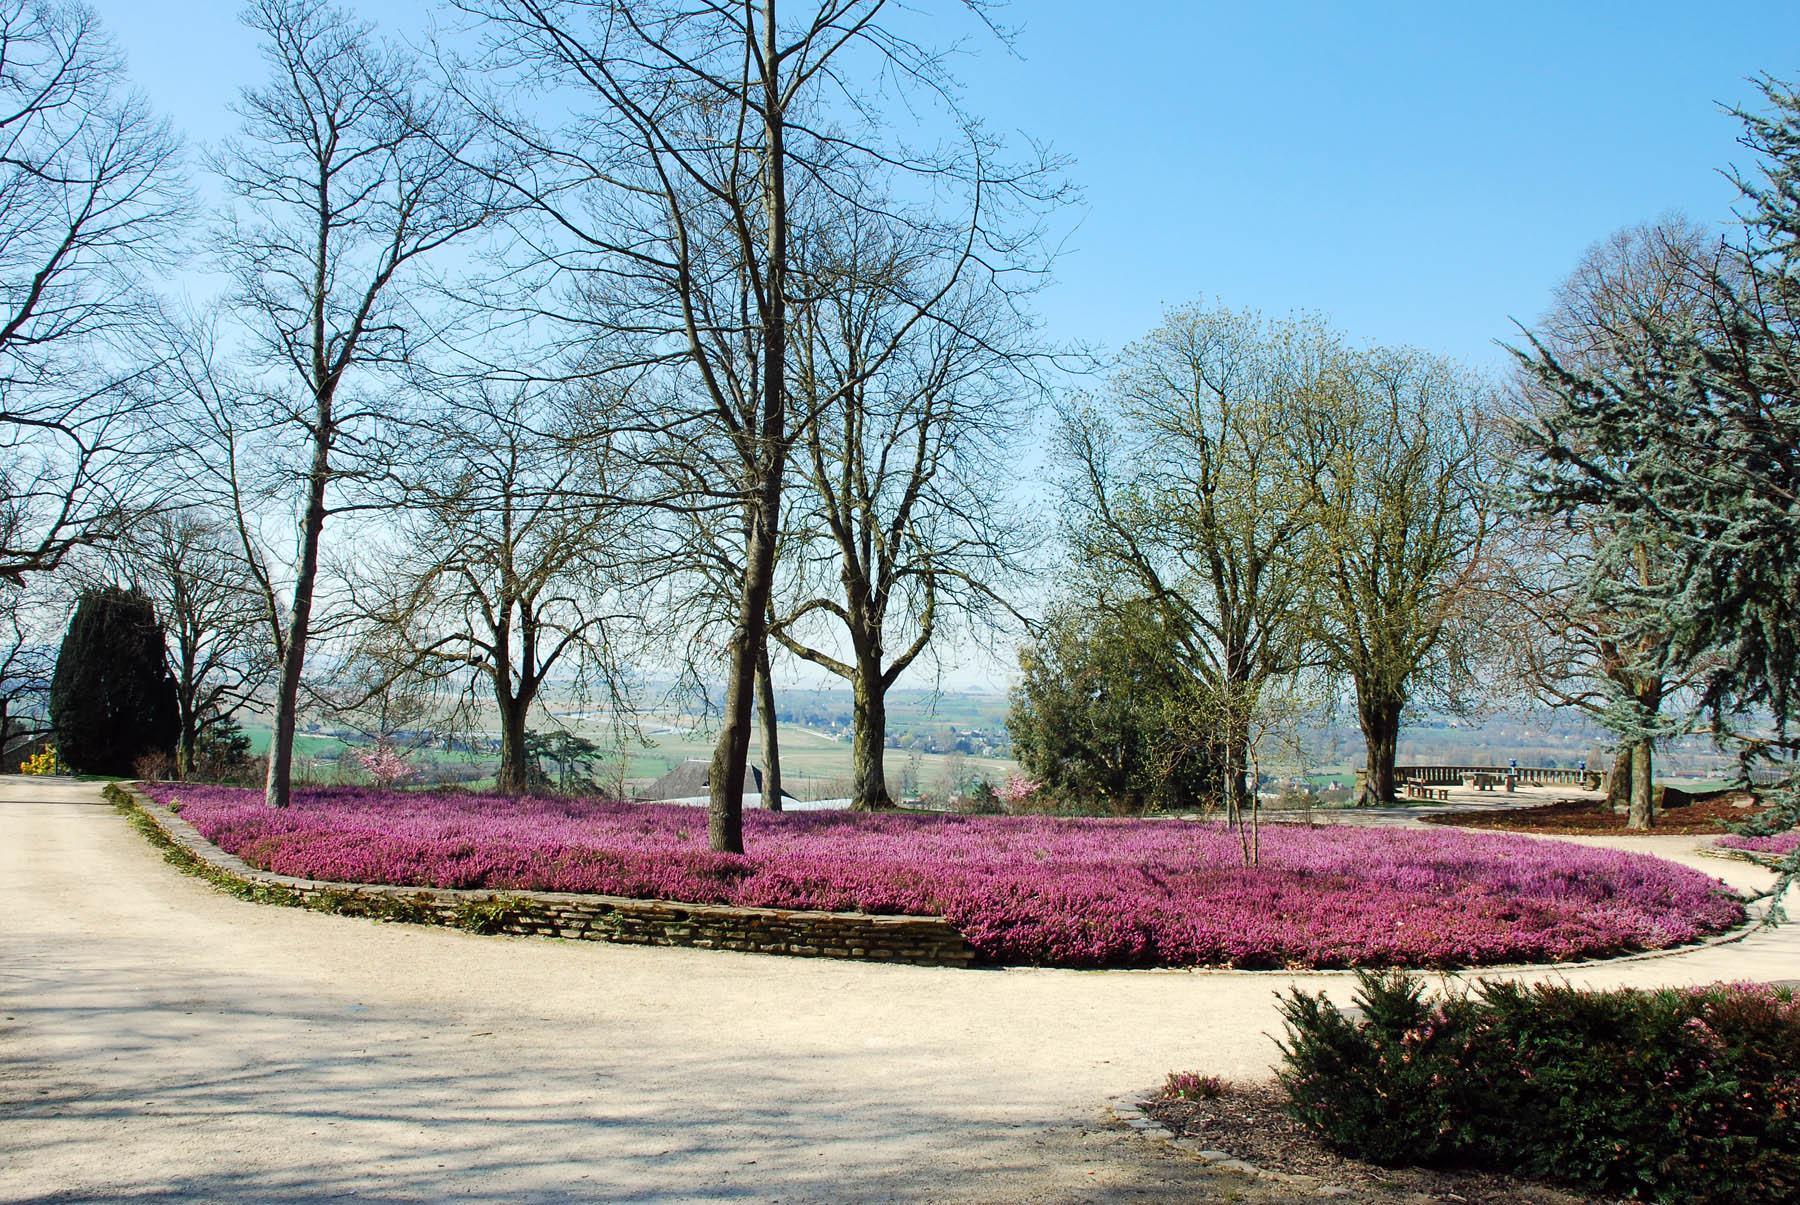 Photo: Jardin Des Plantes - Avranches - France concernant Jardin Des Plantes Avranches